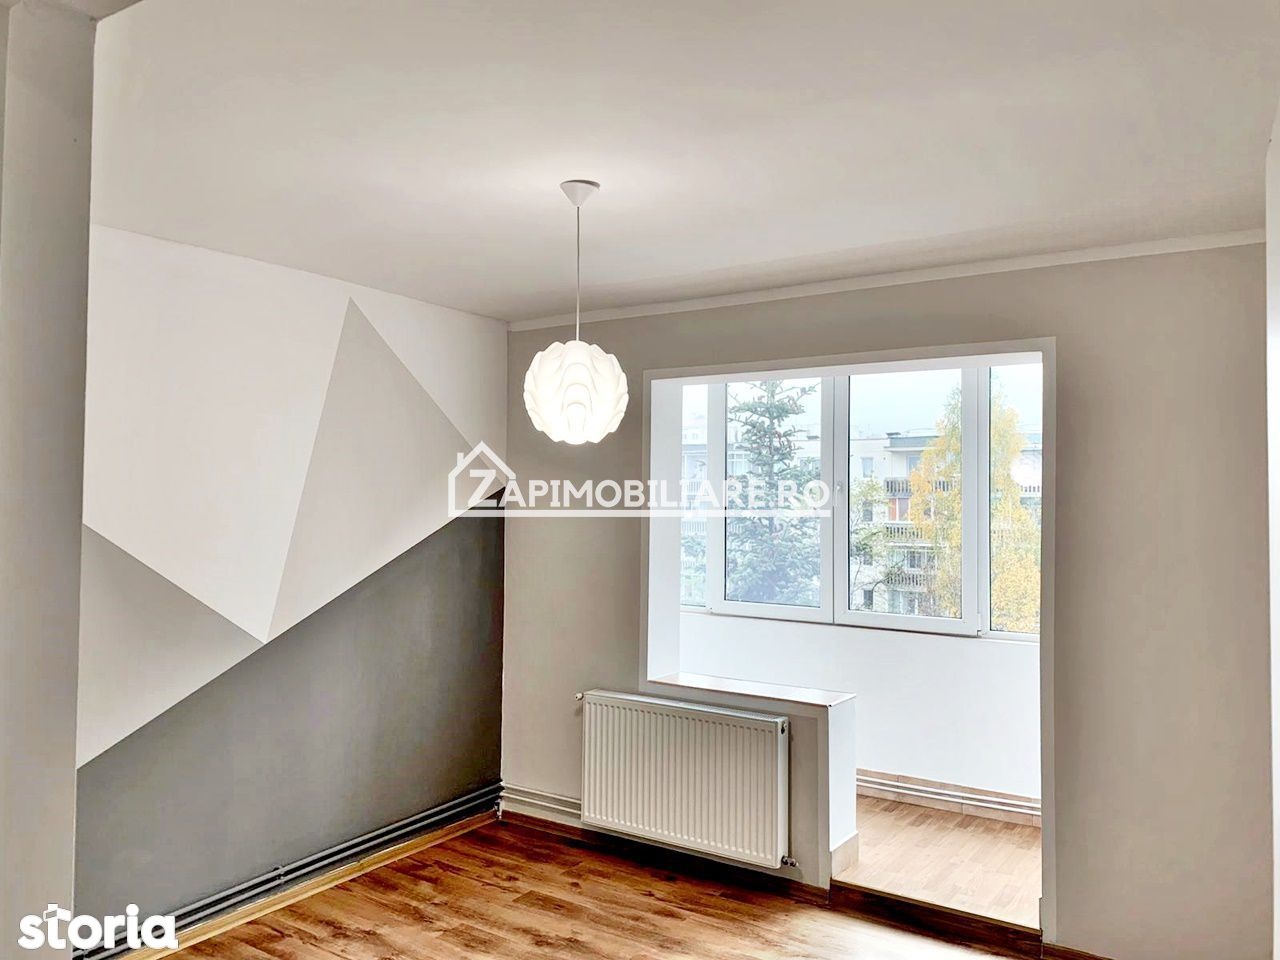 Apartament 2 camere renovat, decomandat, Tudor, confort 1